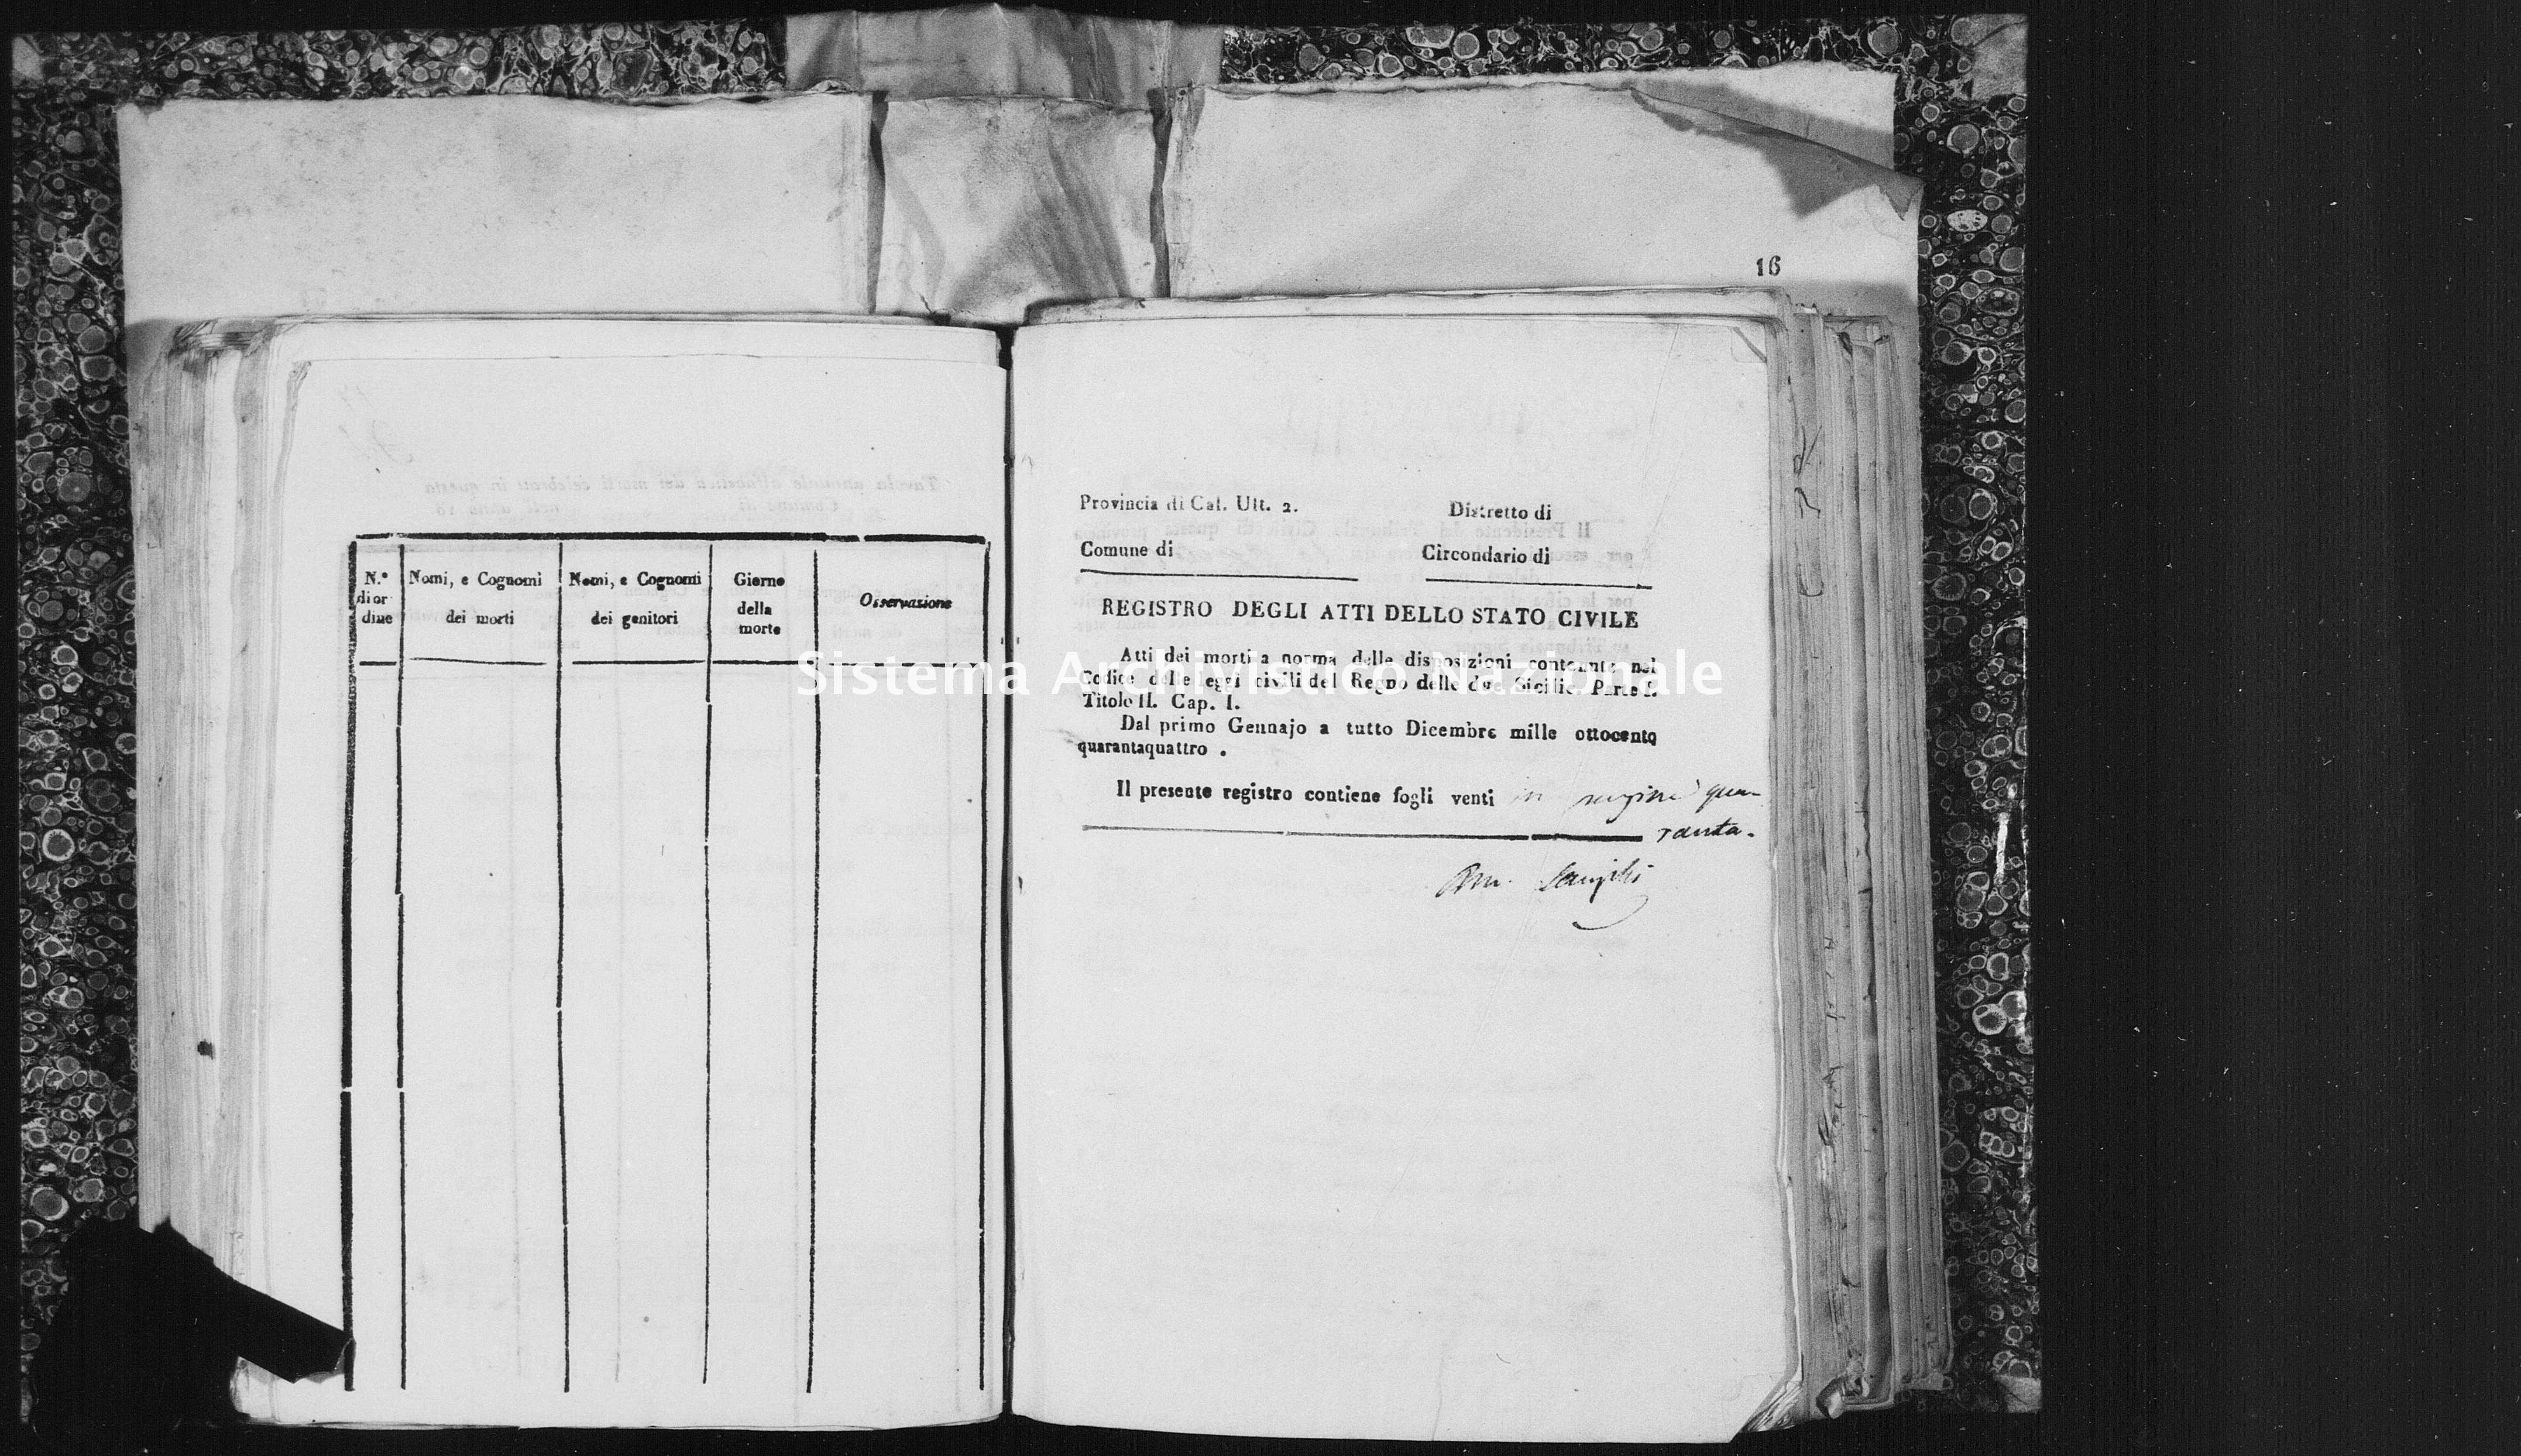 Archivio di stato di Catanzaro - Stato civile italiano - Isola Capo Rizzuto - Morti - 02/01/1844-24/12/1844 - 1458 -